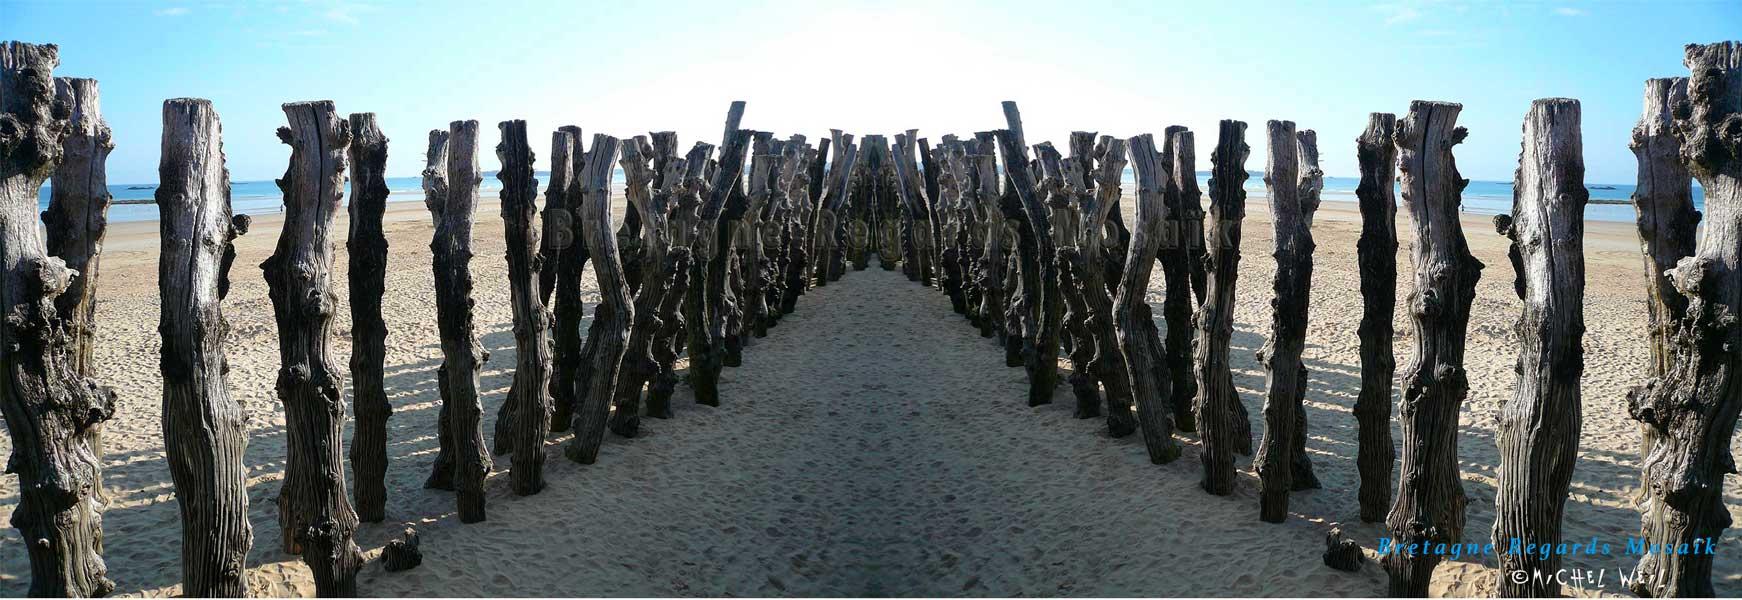 Des pieux de bois sur la plage